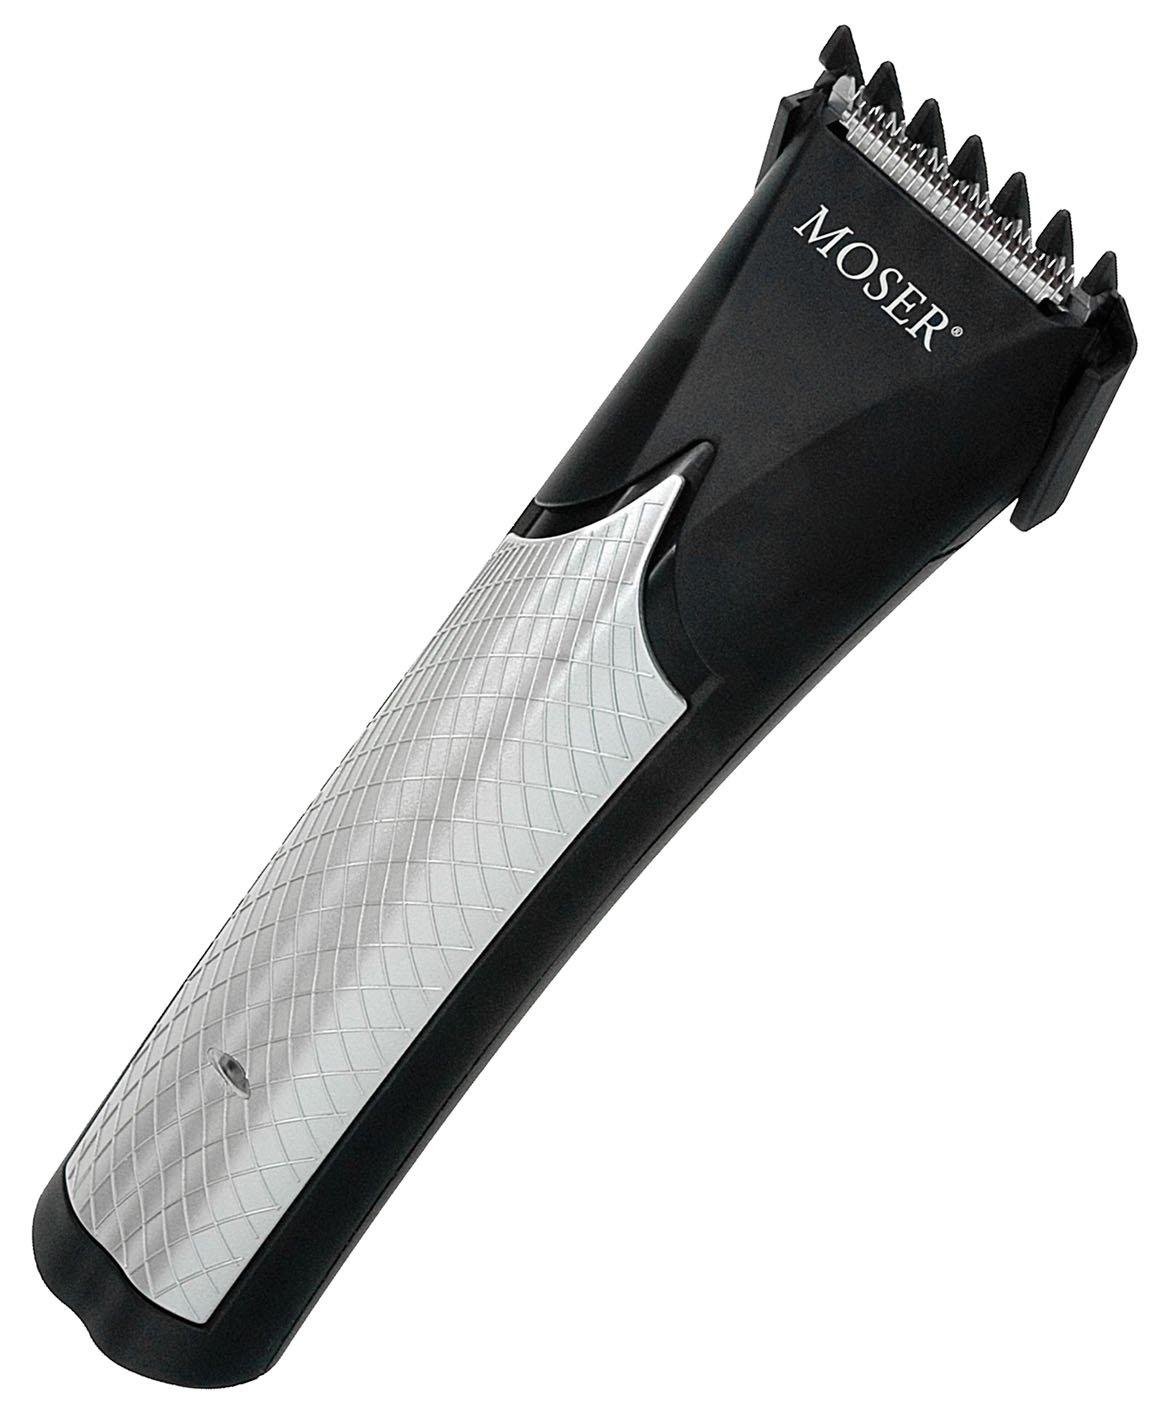 Para los que nos rapamos, la peladora que compran los peluqueros, la alemana Moser por 50€